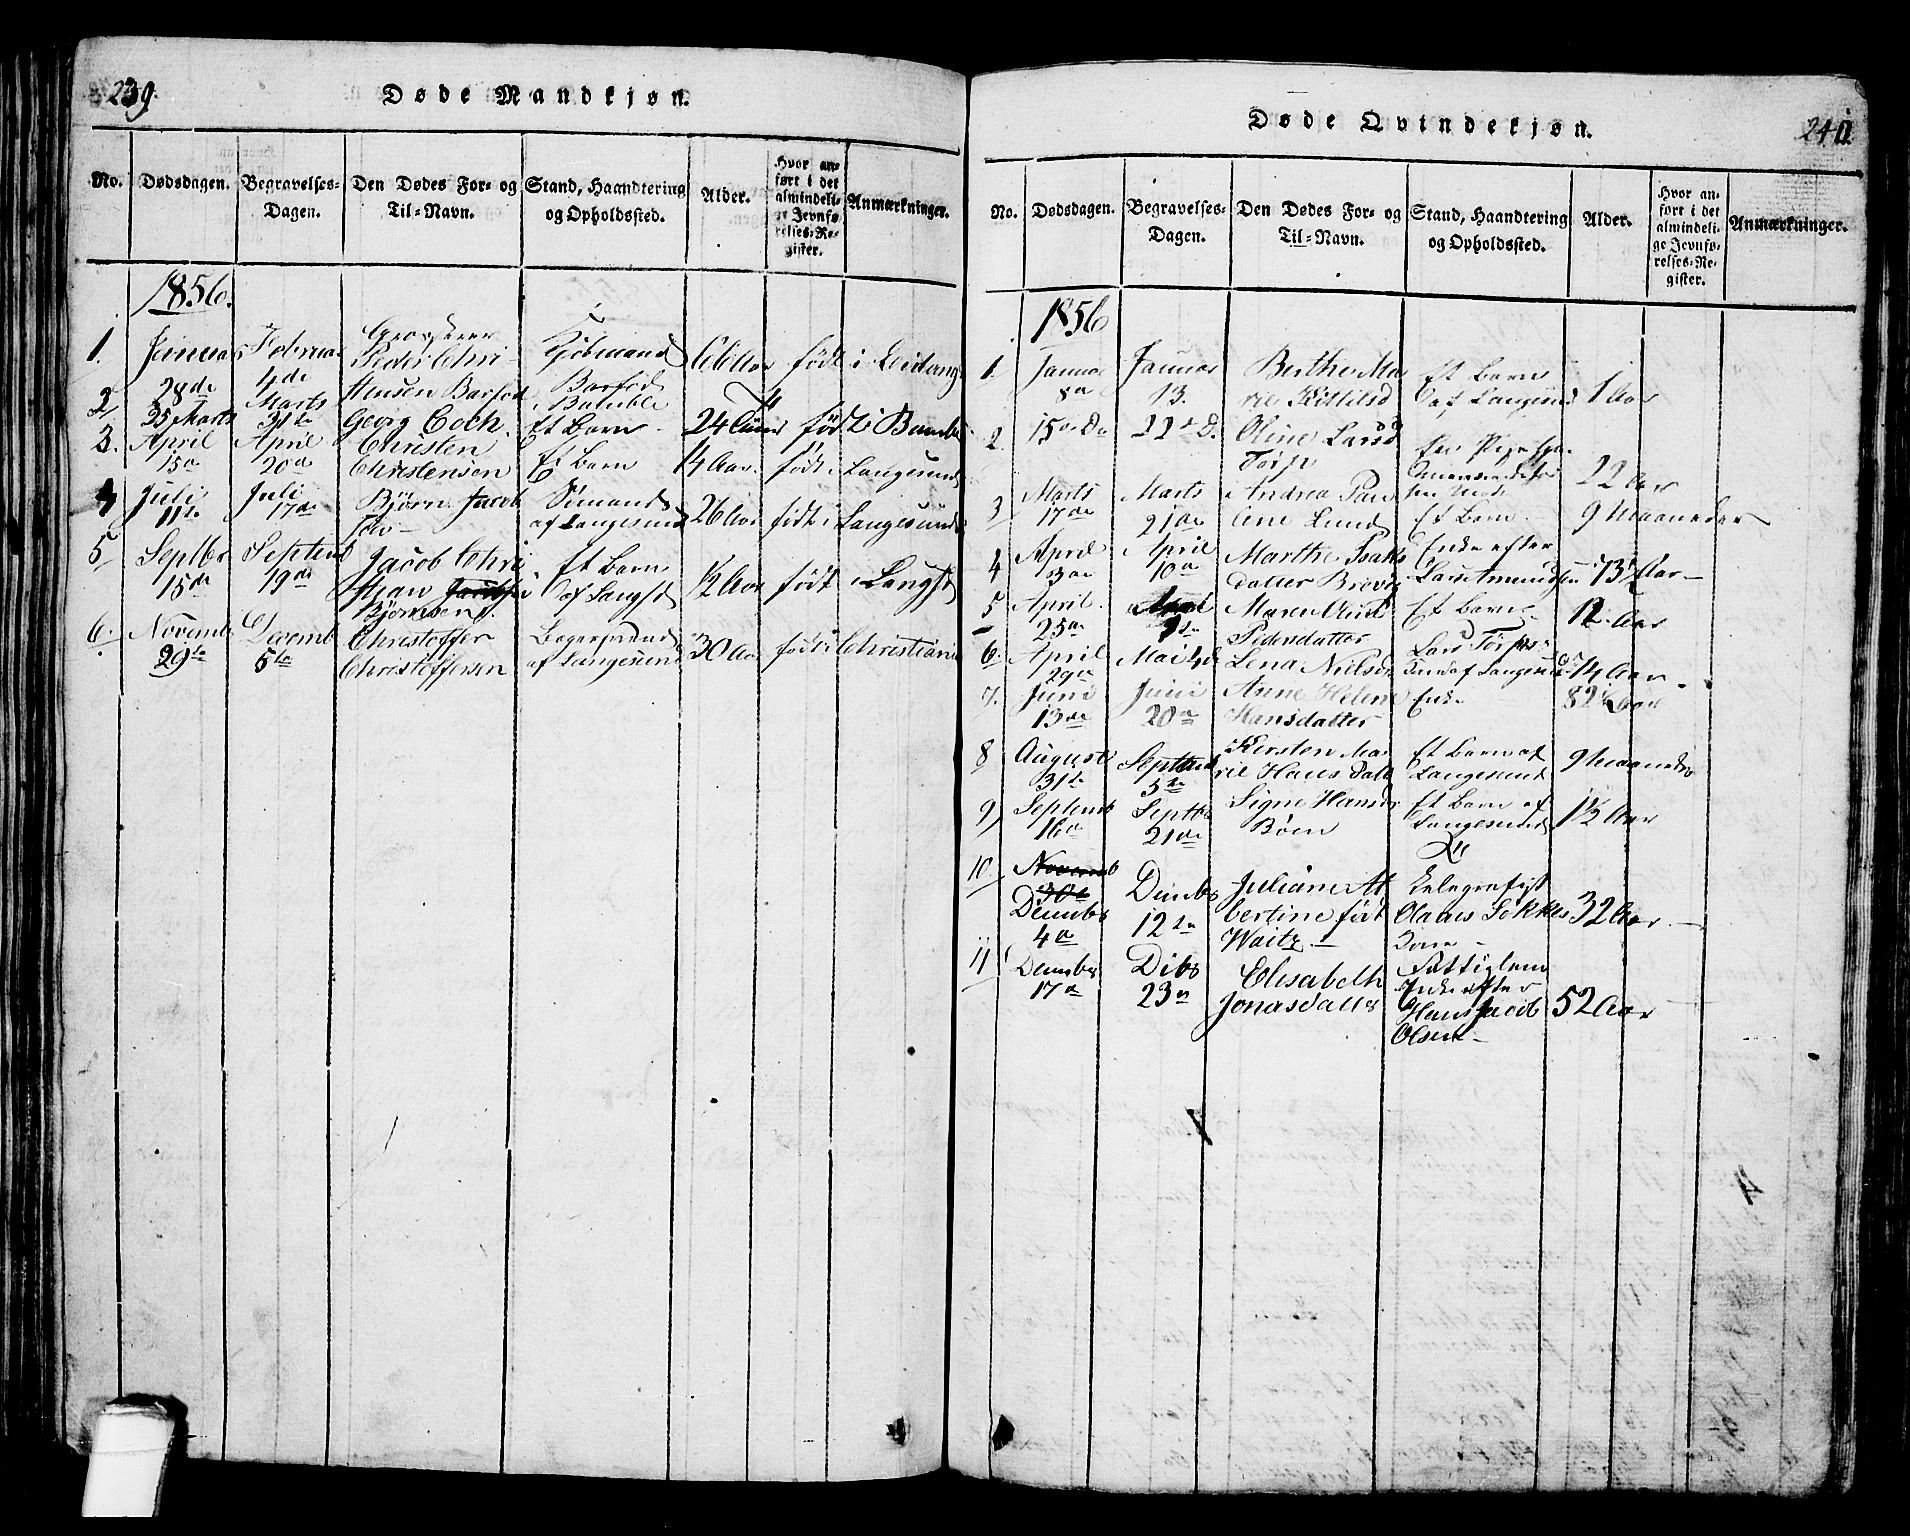 SAKO, Langesund kirkebøker, G/Ga/L0003: Klokkerbok nr. 3, 1815-1858, s. 239-240